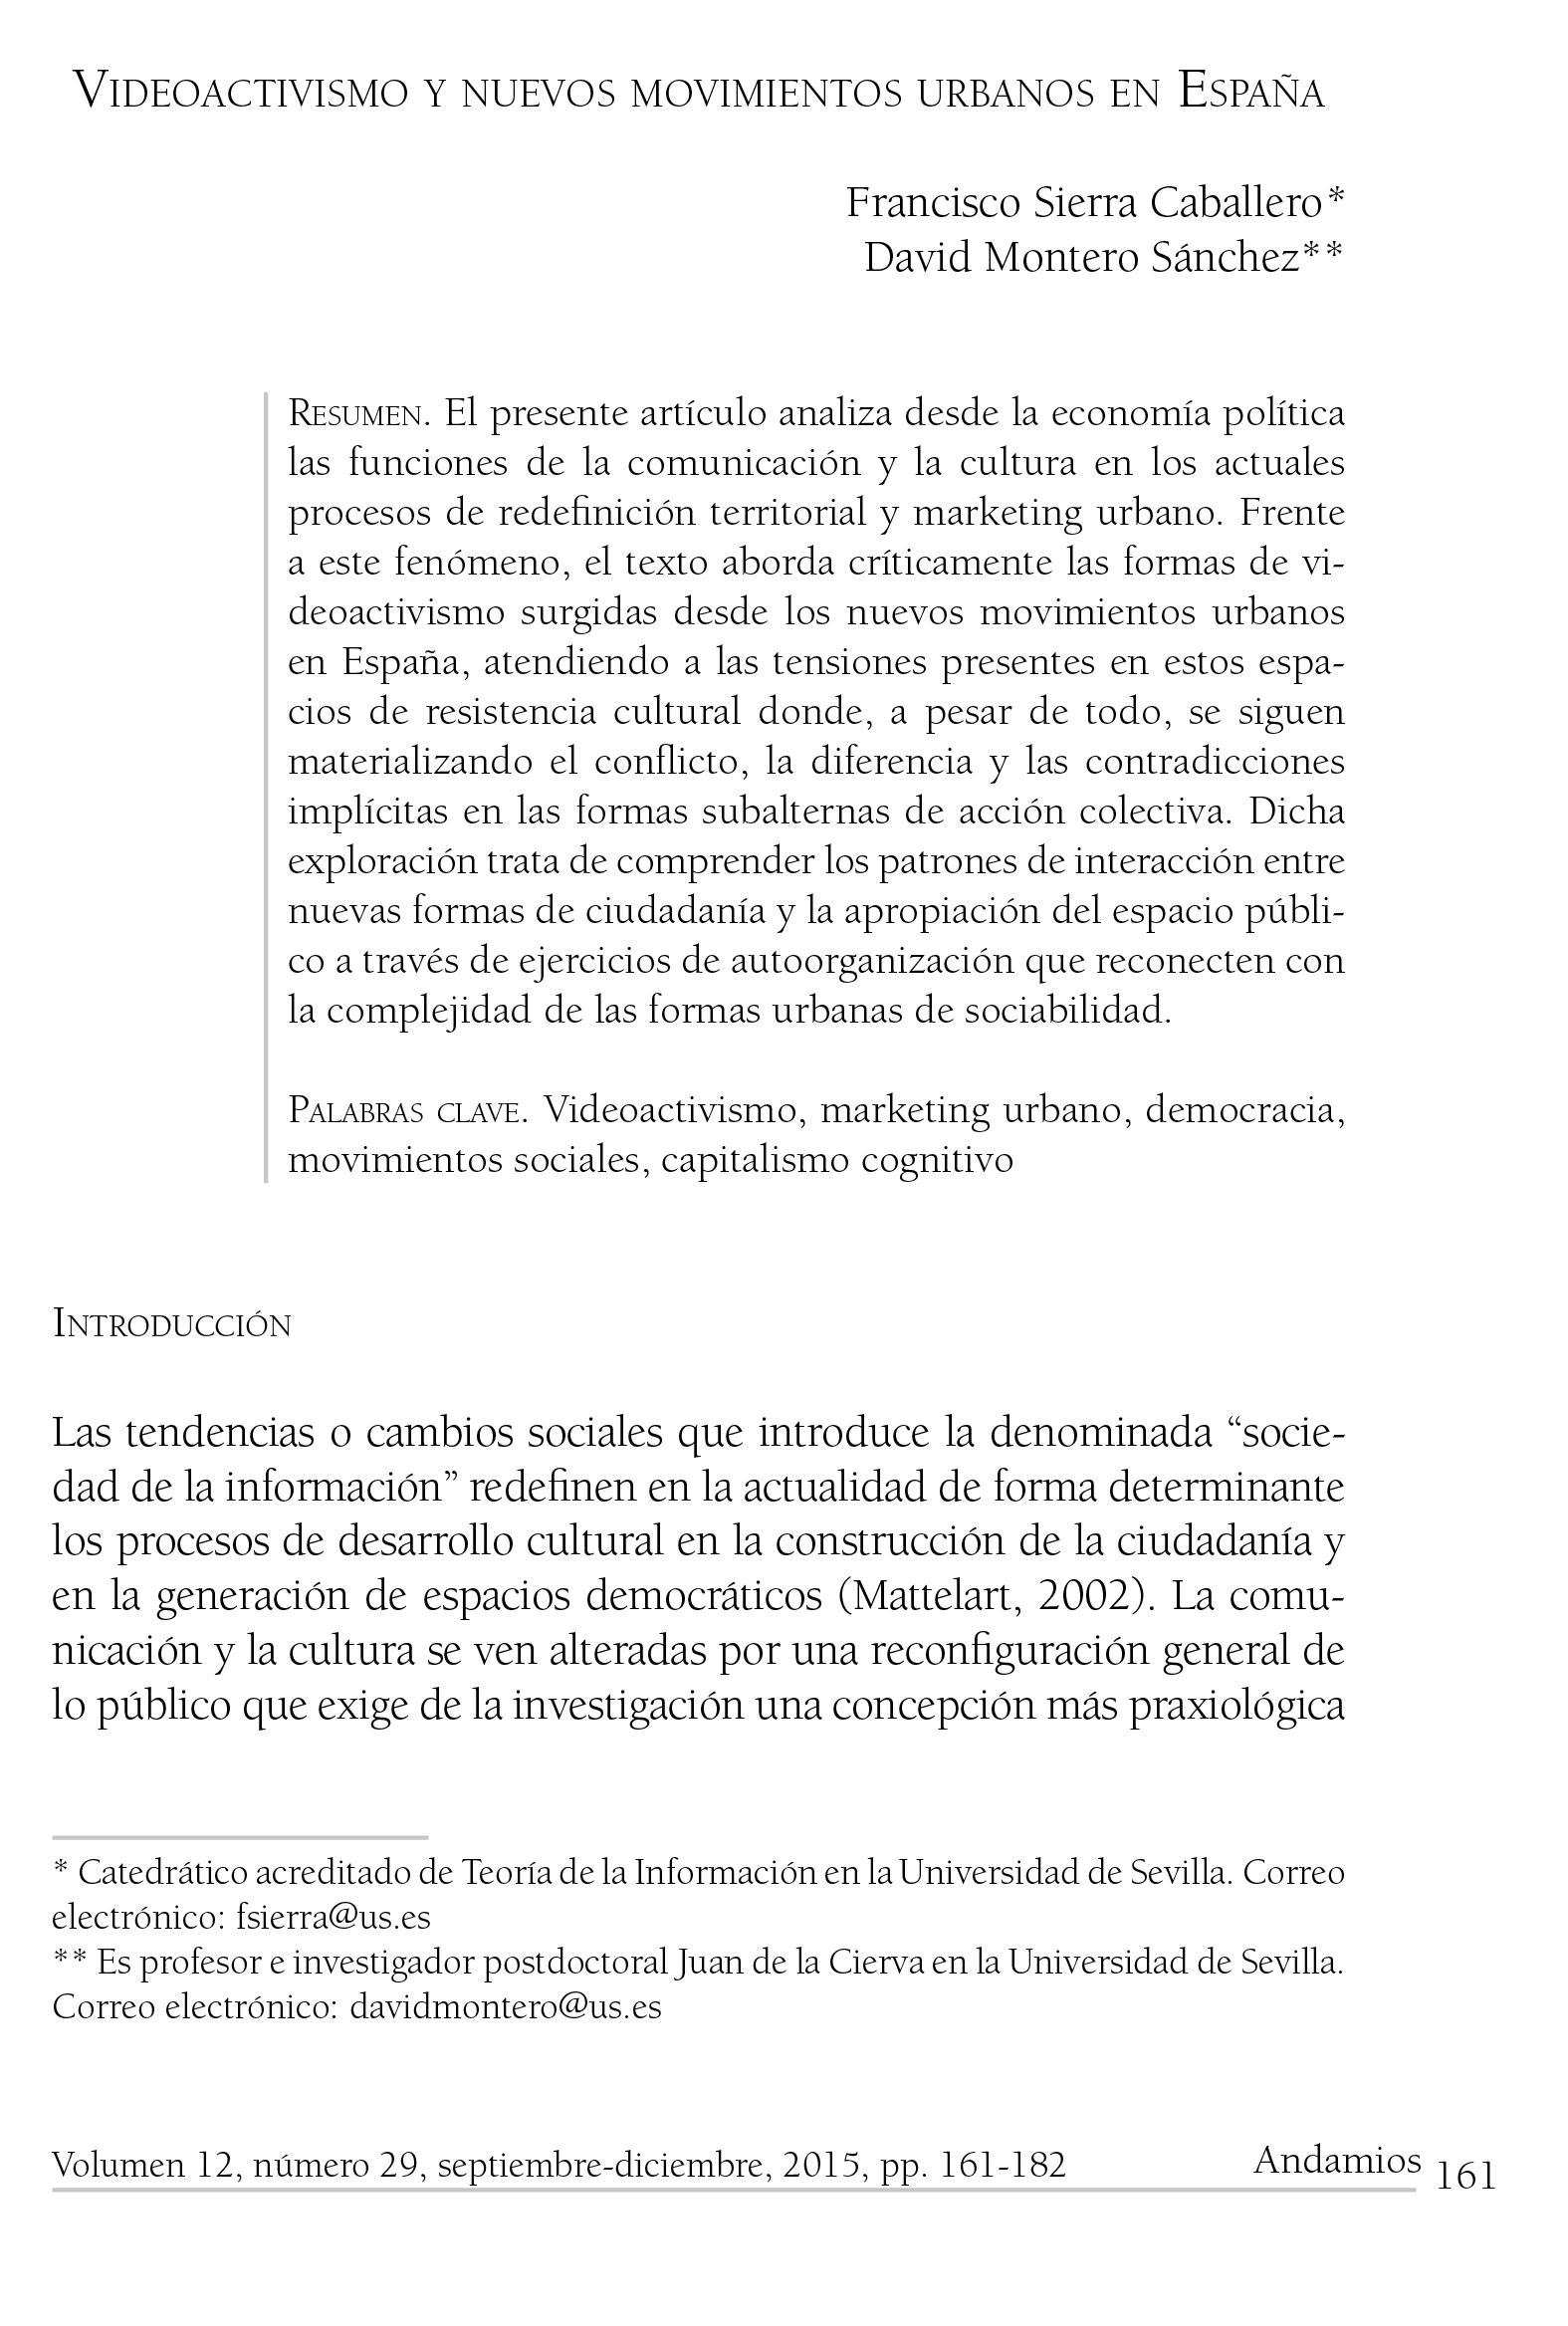 2016-07-12 Videactivismo_y_nuevos_movimientos_urbanos_en_Espana